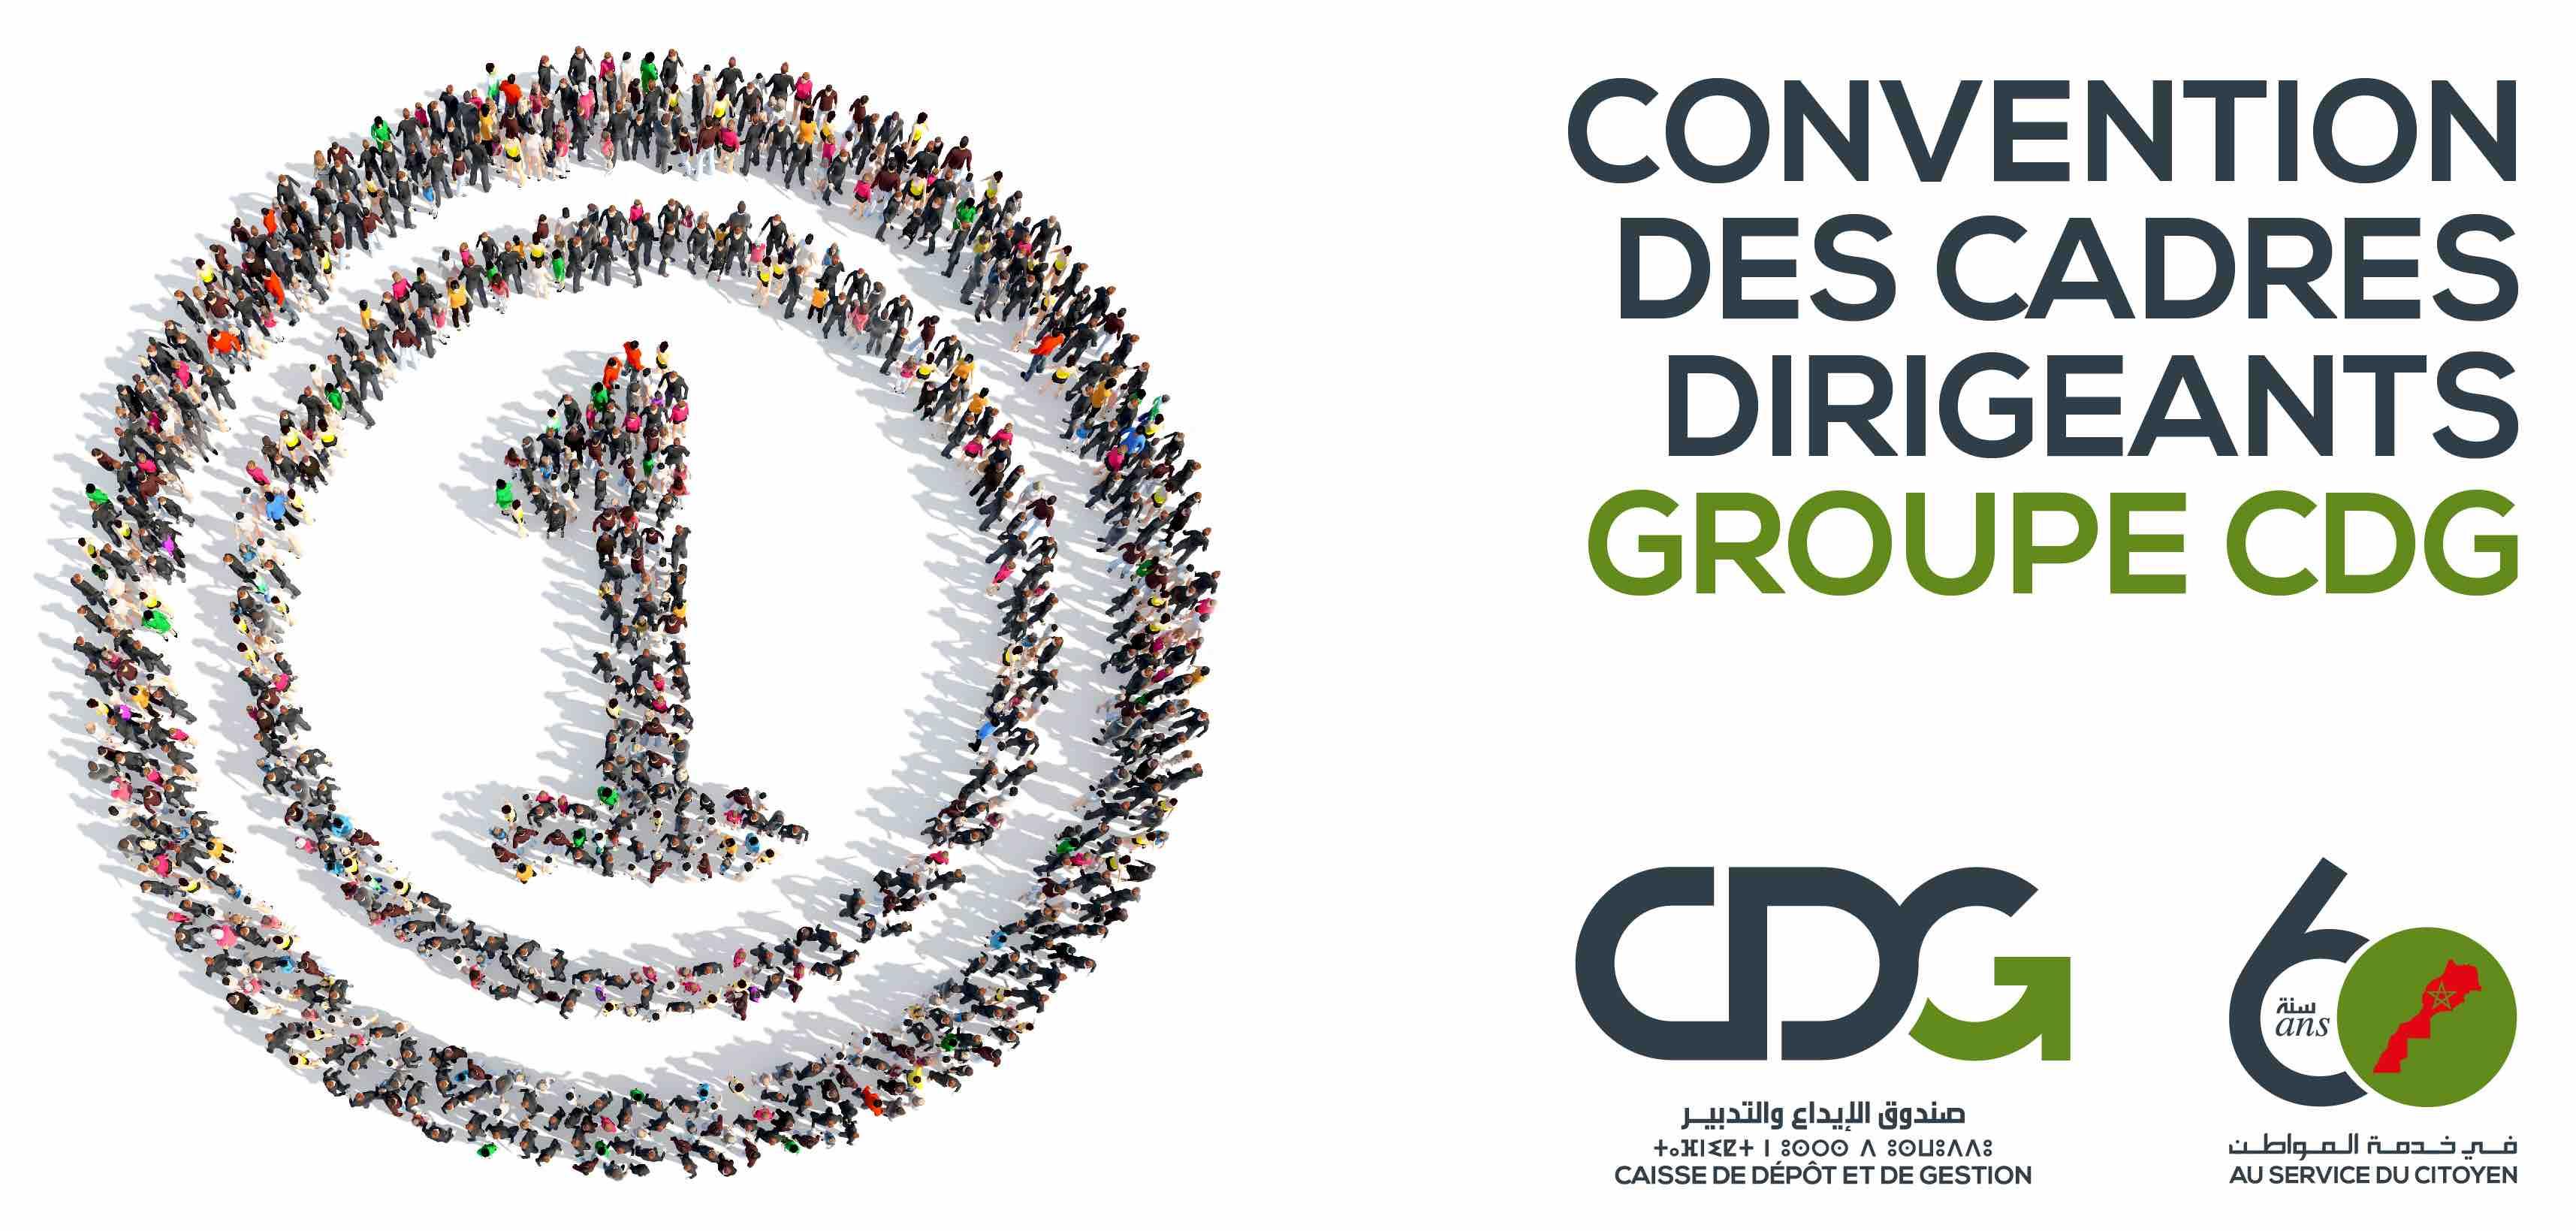 Le Groupe CDG tient sa première Convention des cadres dirigeants